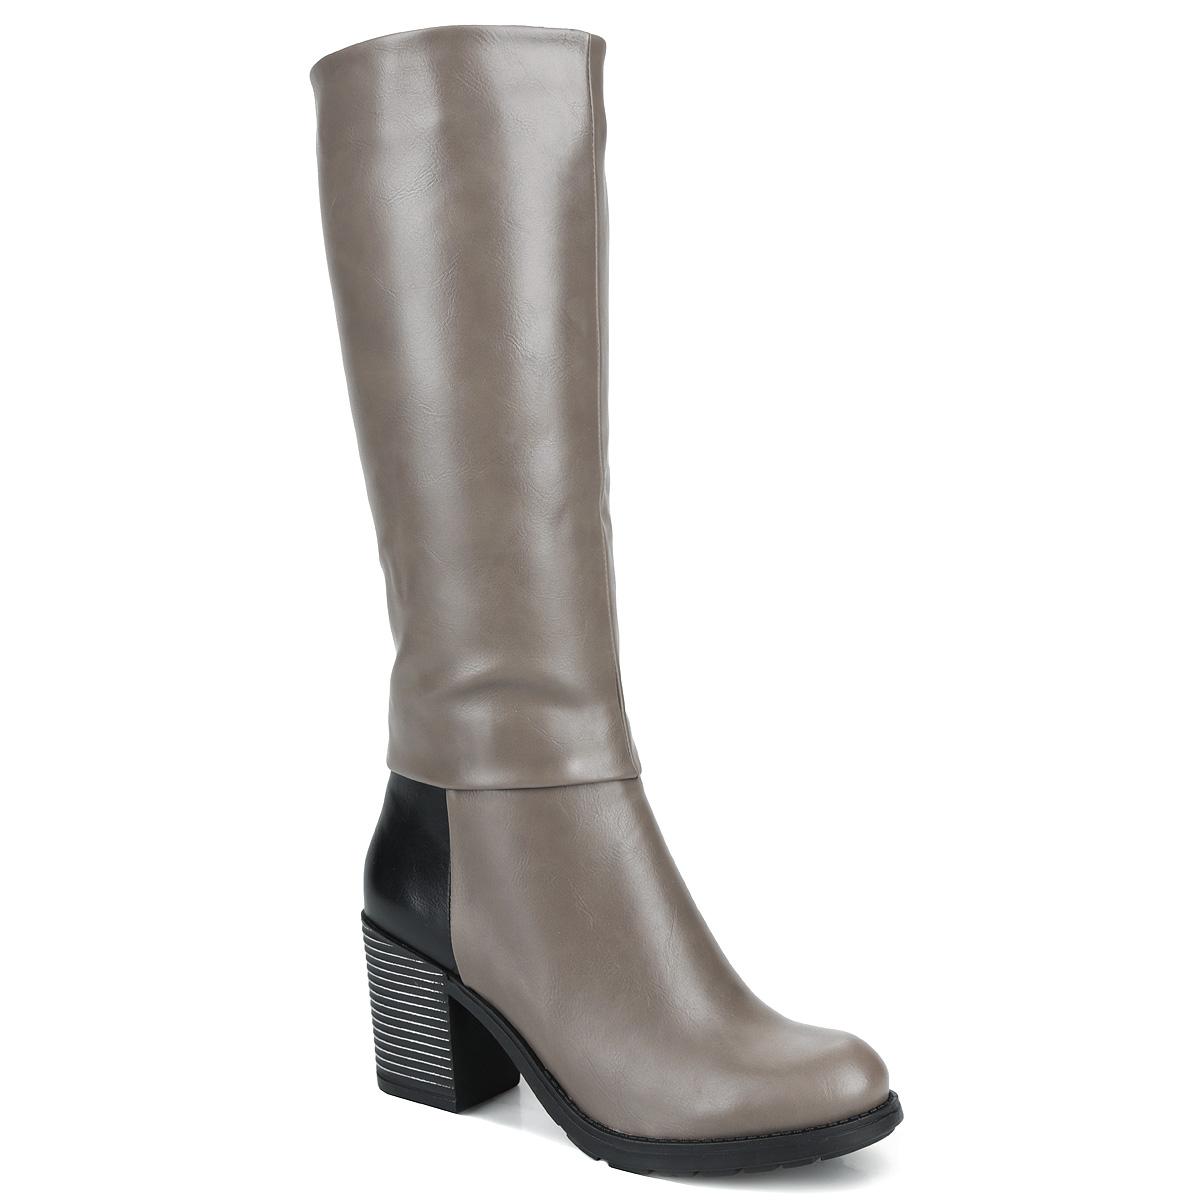 Y42-GY-02 CСтильные сапоги от Yaro займут достойное место среди вашей обуви. Модель выполнена из искусственной кожи и оформлена вставкой контрастного цвета на заднике. Сапоги застегиваются на удобную боковую застежку-молнию. Резинки, расположенные на голенище, отвечают за оптимальную посадку модели на вашей ноге. Мягкая подкладка и стелька из байки сохраняют тепло, обеспечивая максимальный комфорт при движении. Умеренной высоты каблук с рельефной поверхностью оформлен напылением. Каблук и подошва дополнены противоскользящим рифлением. Удобные сапоги - незаменимая вещь в гардеробе каждой женщины.